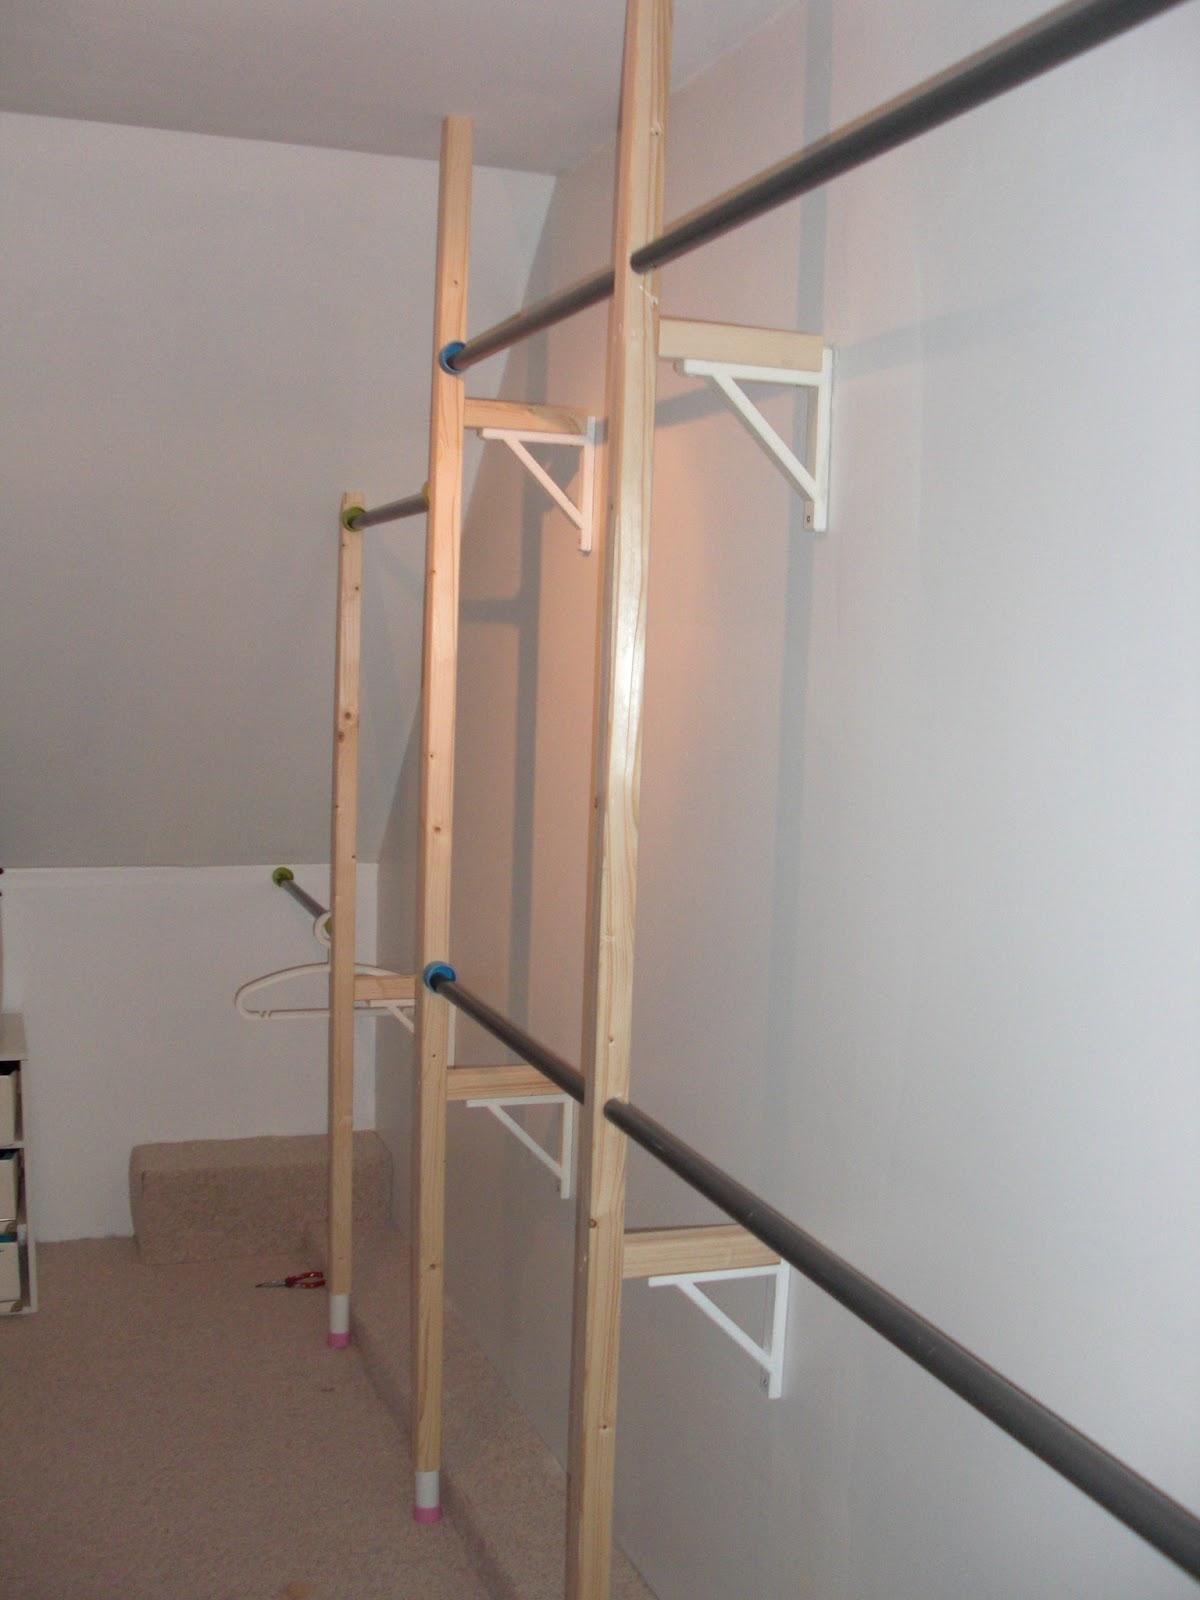 heim elich kleiderstangenwand in der ankleide. Black Bedroom Furniture Sets. Home Design Ideas